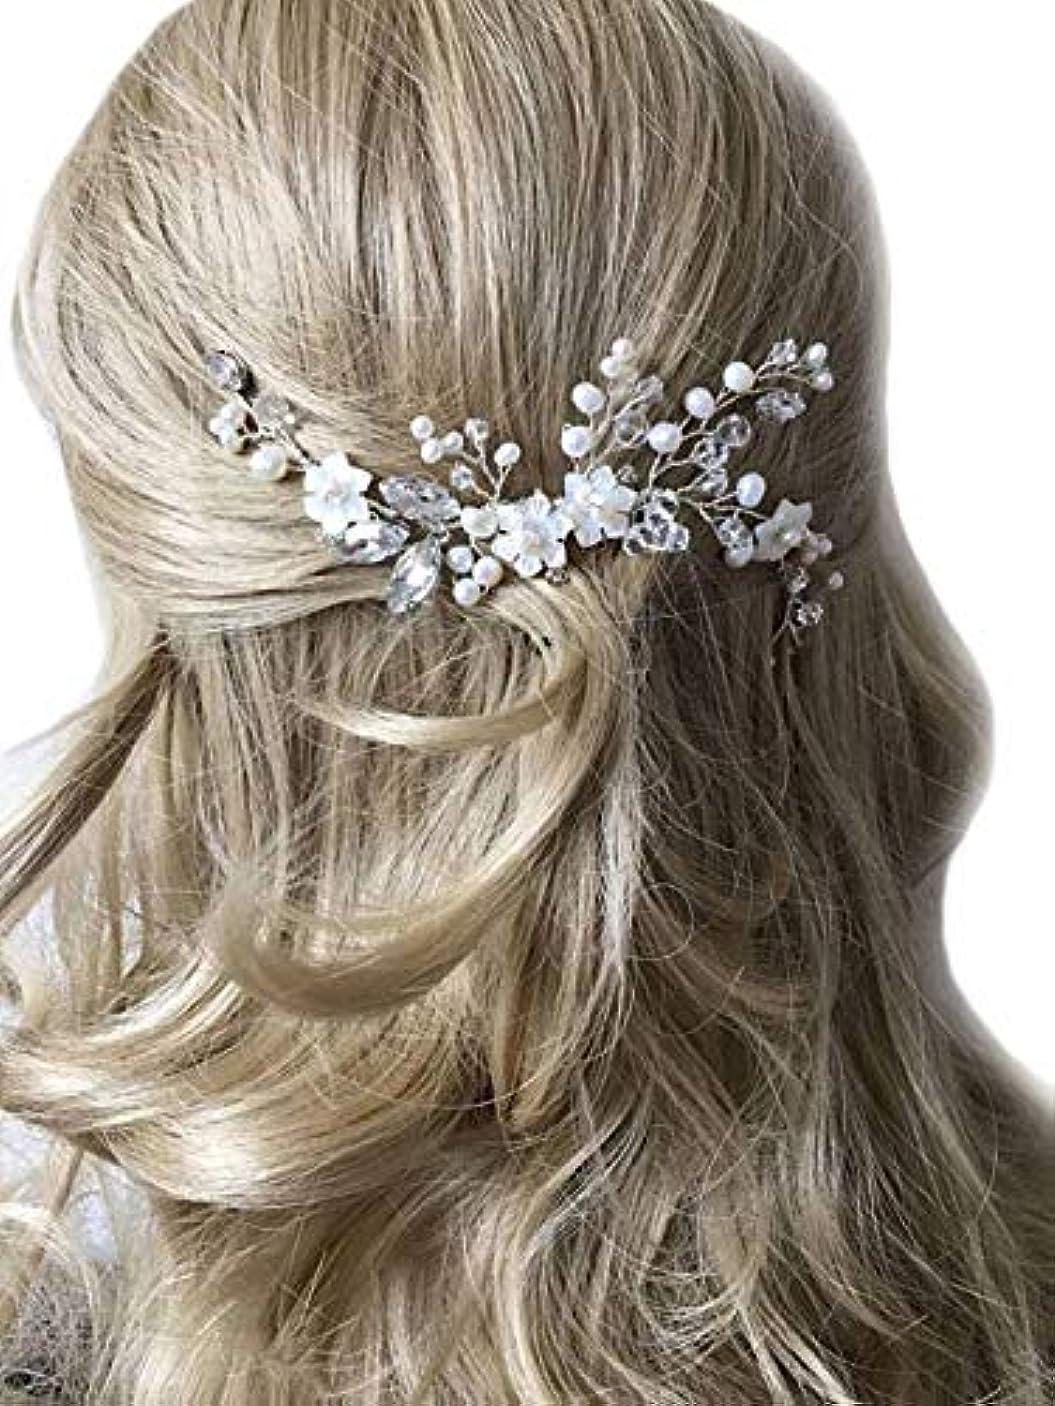 立場ベリーエッセイUnicra womens 花嫁とブライド シルバー 結婚式 花 髪 櫛ブライダルウェディングヘアアクセサリー フリーサイズ シルバー